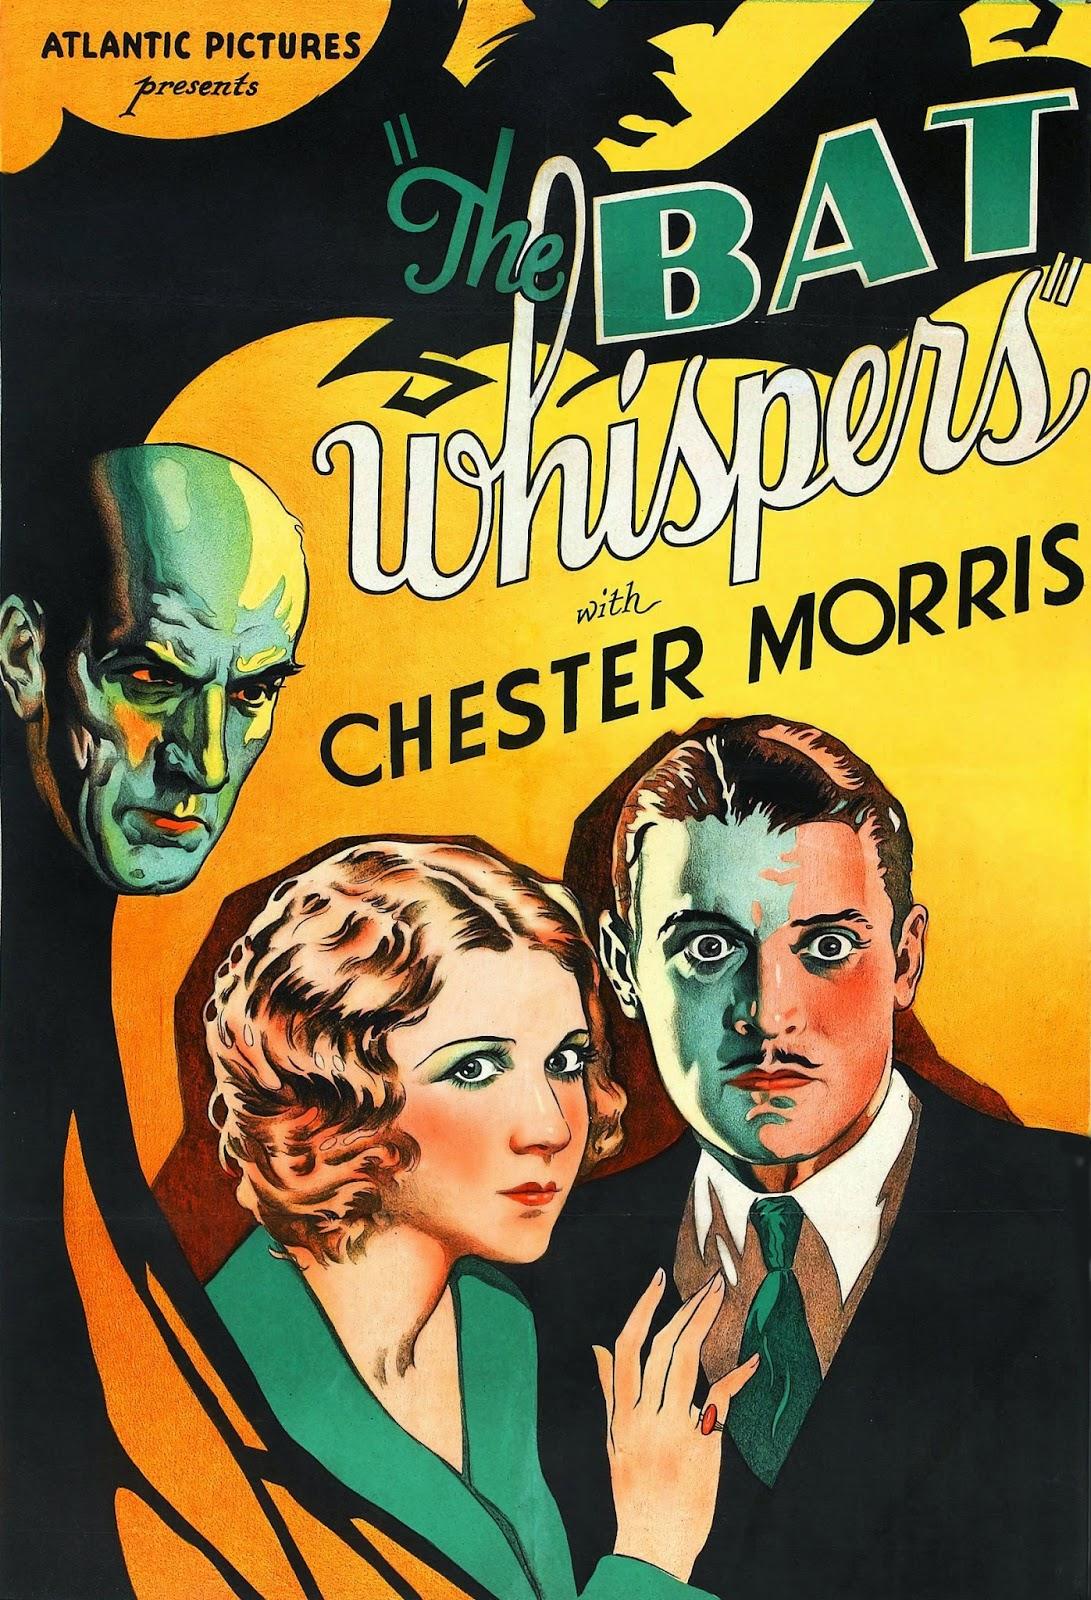 1930s in film